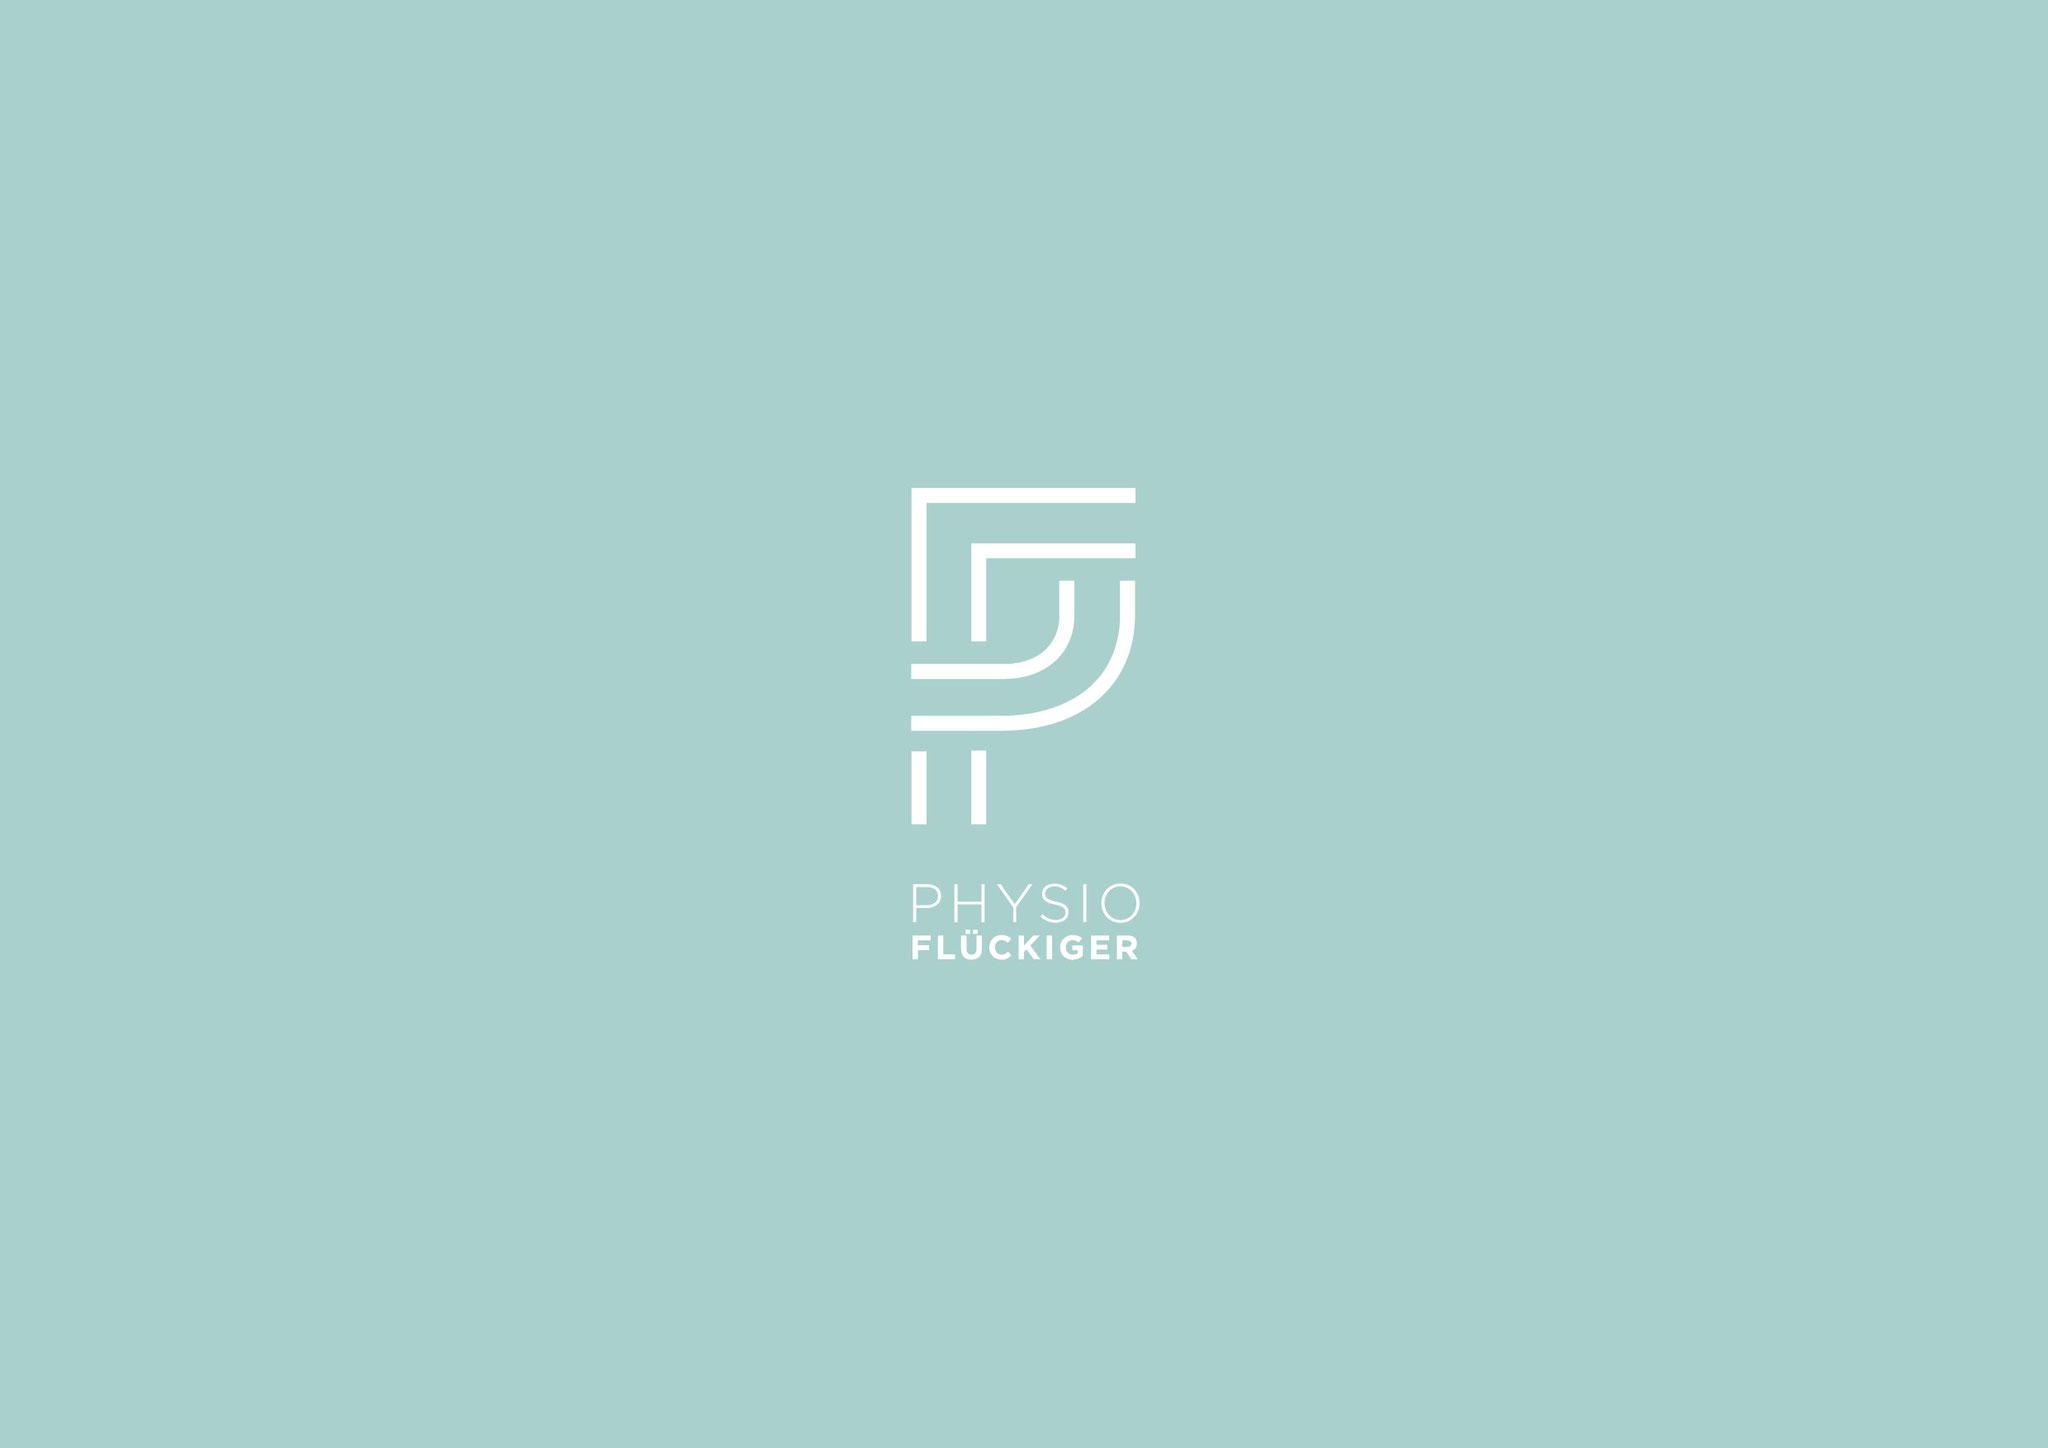 Corporate Design Flückiger Physiotherapie, Aefligen: Grafik/Layout Visitenkarten und Hausbeschriftung, Lockedesign, Burgdorf